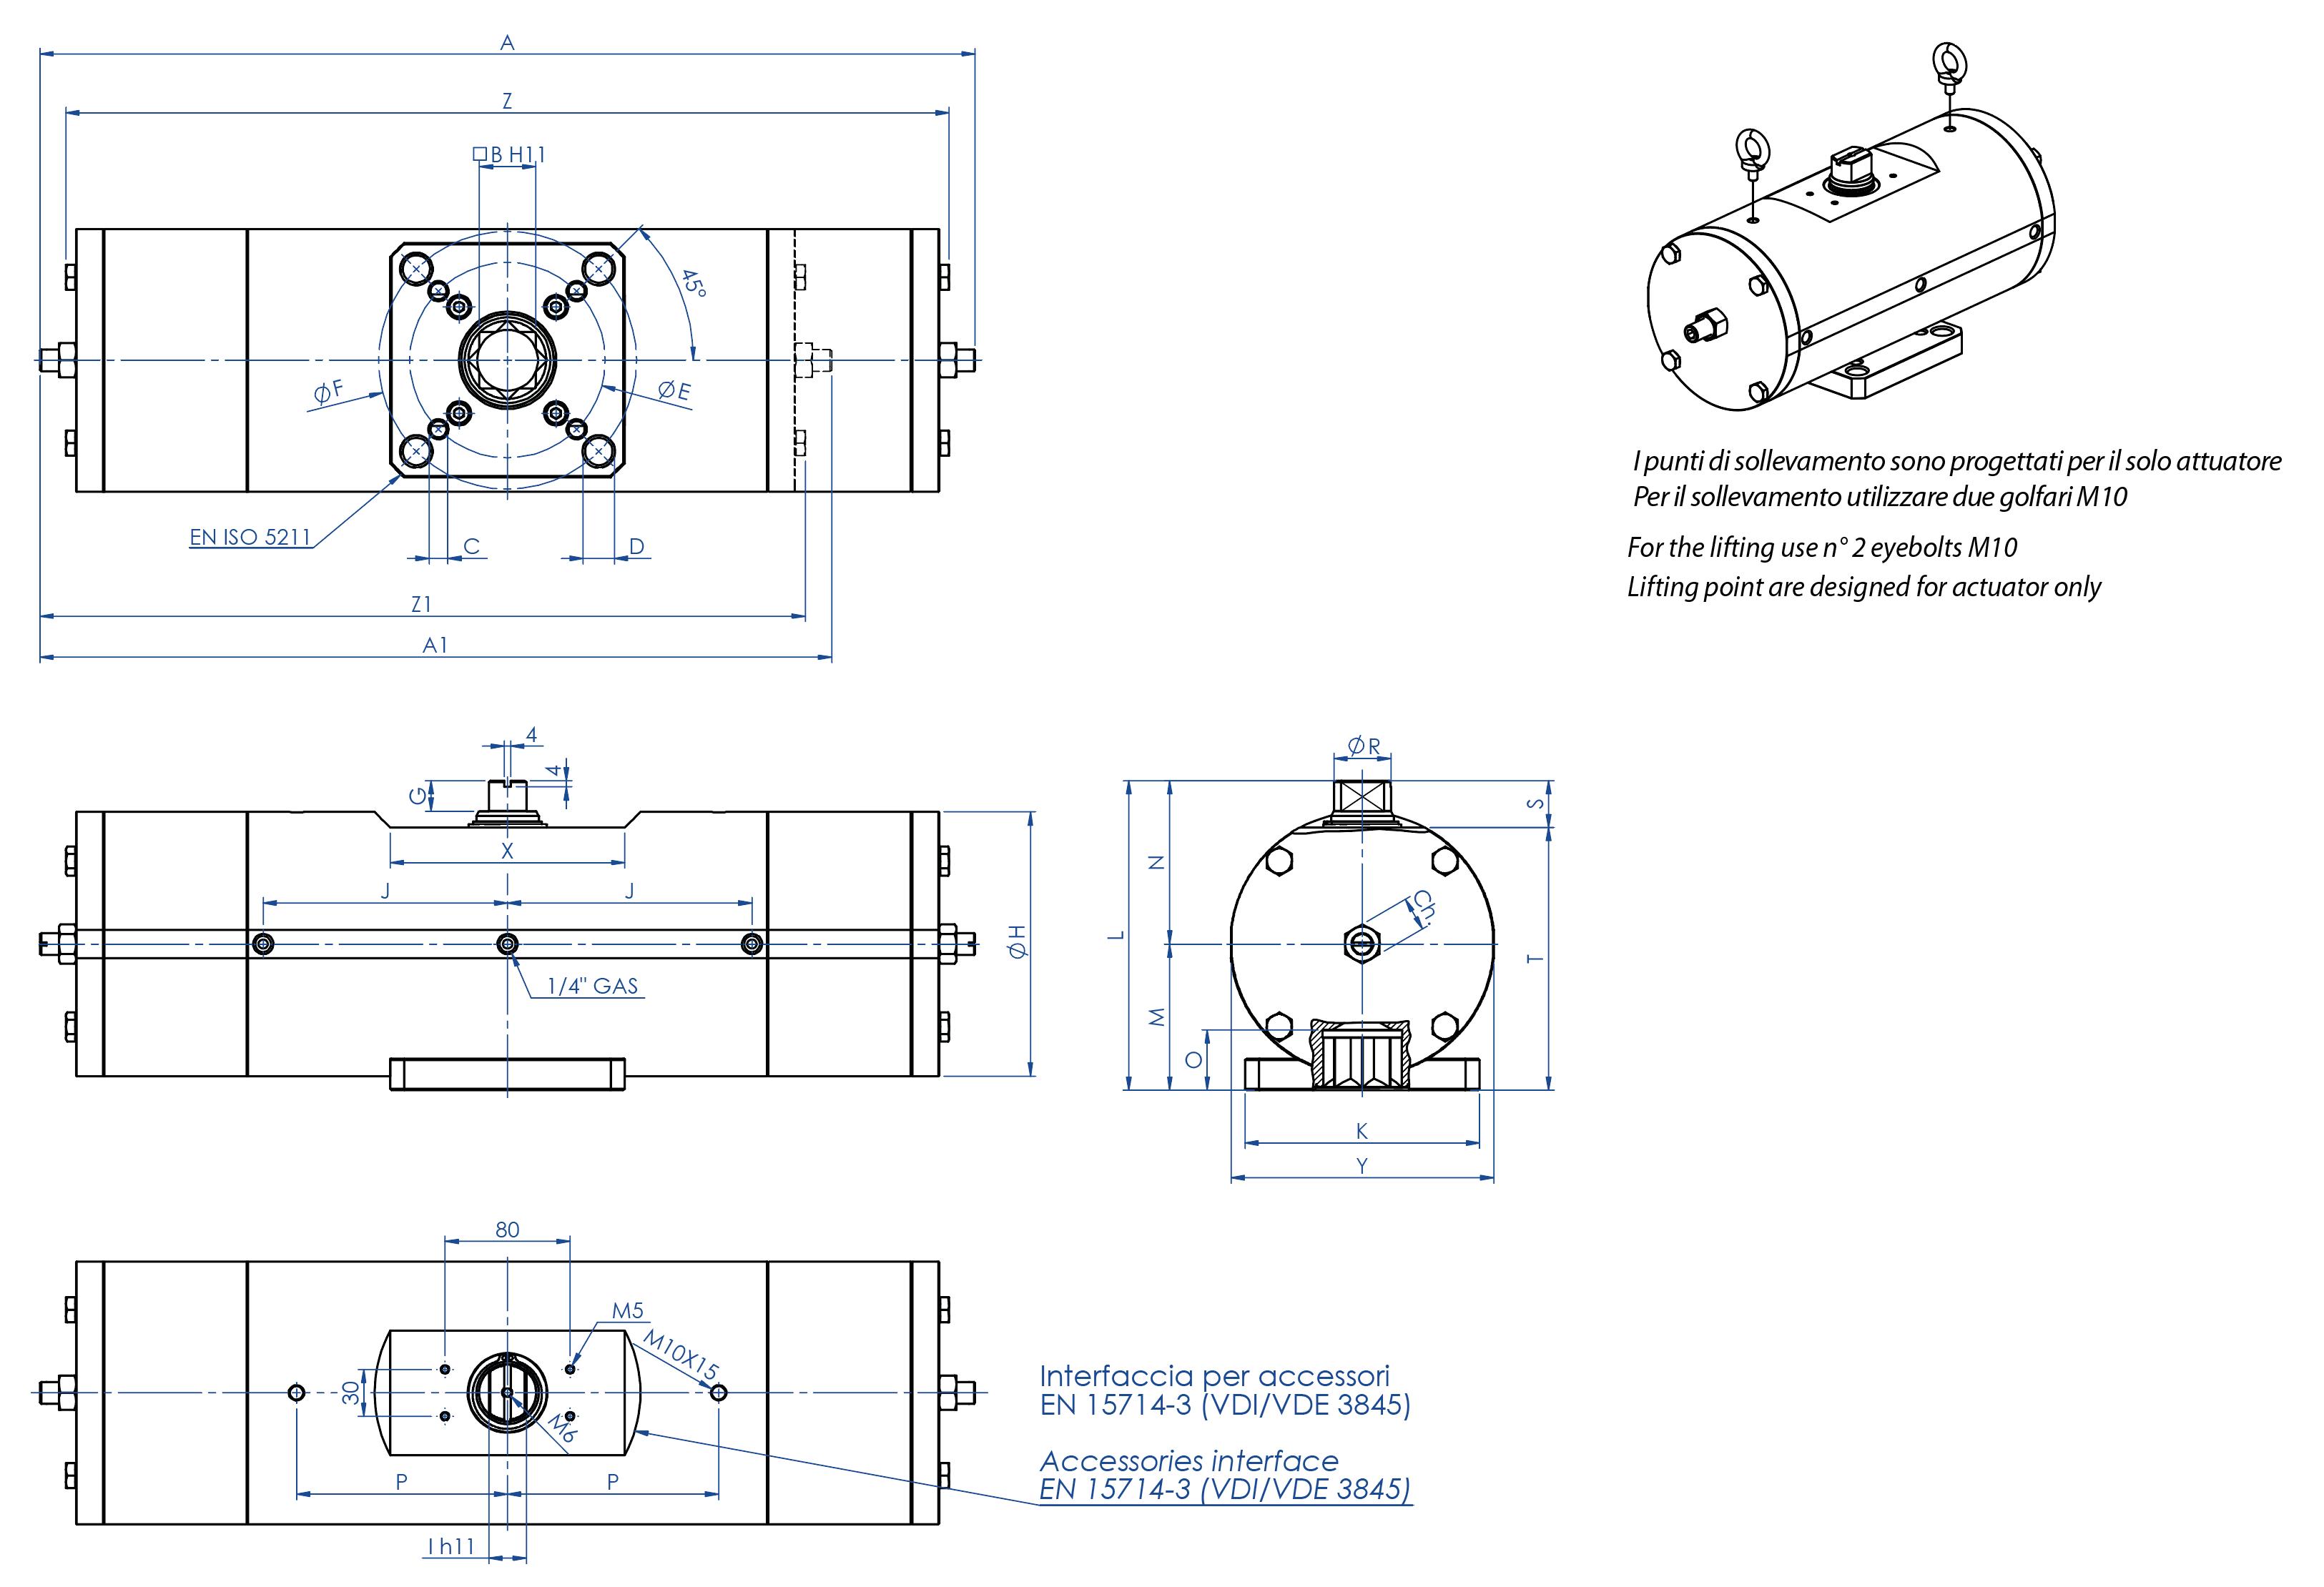 316圆不锈钢材质GS型单效气动执行器 - 特性 -